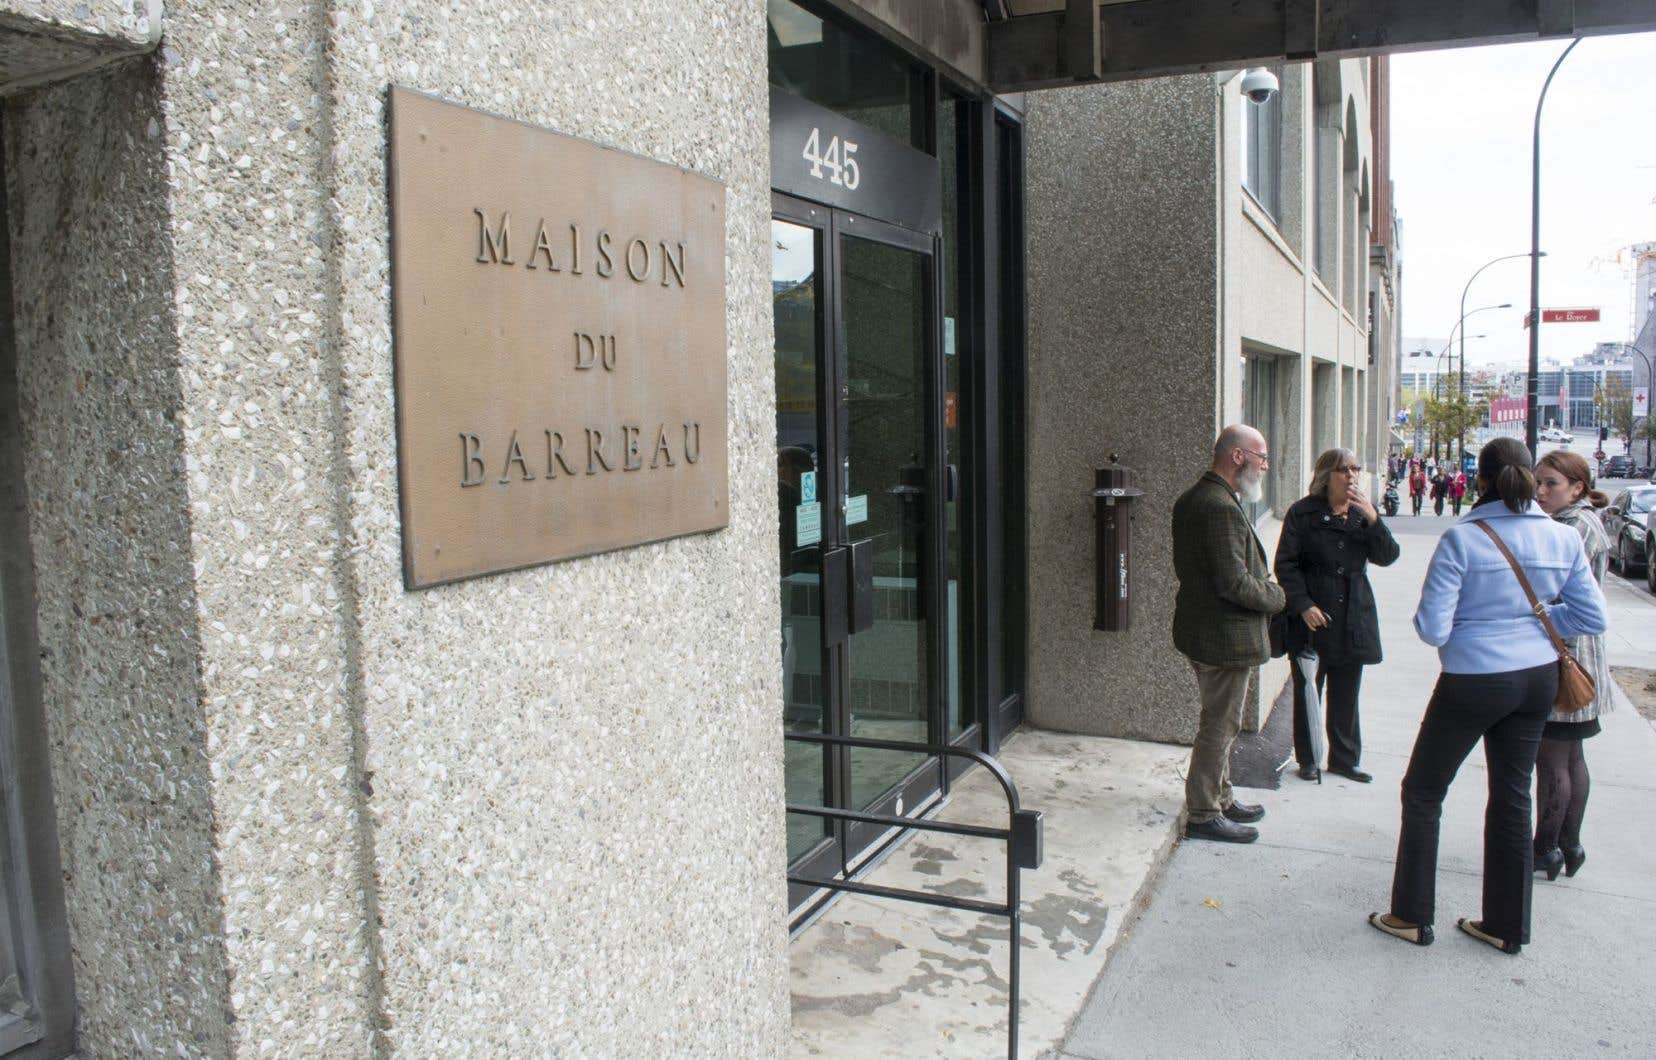 Suspendue depuis le début du mois juillet, la bâtonnière a répliqué il y a près d'une semaine avec une poursuite contre plusieurs administrateurs du Barreau.